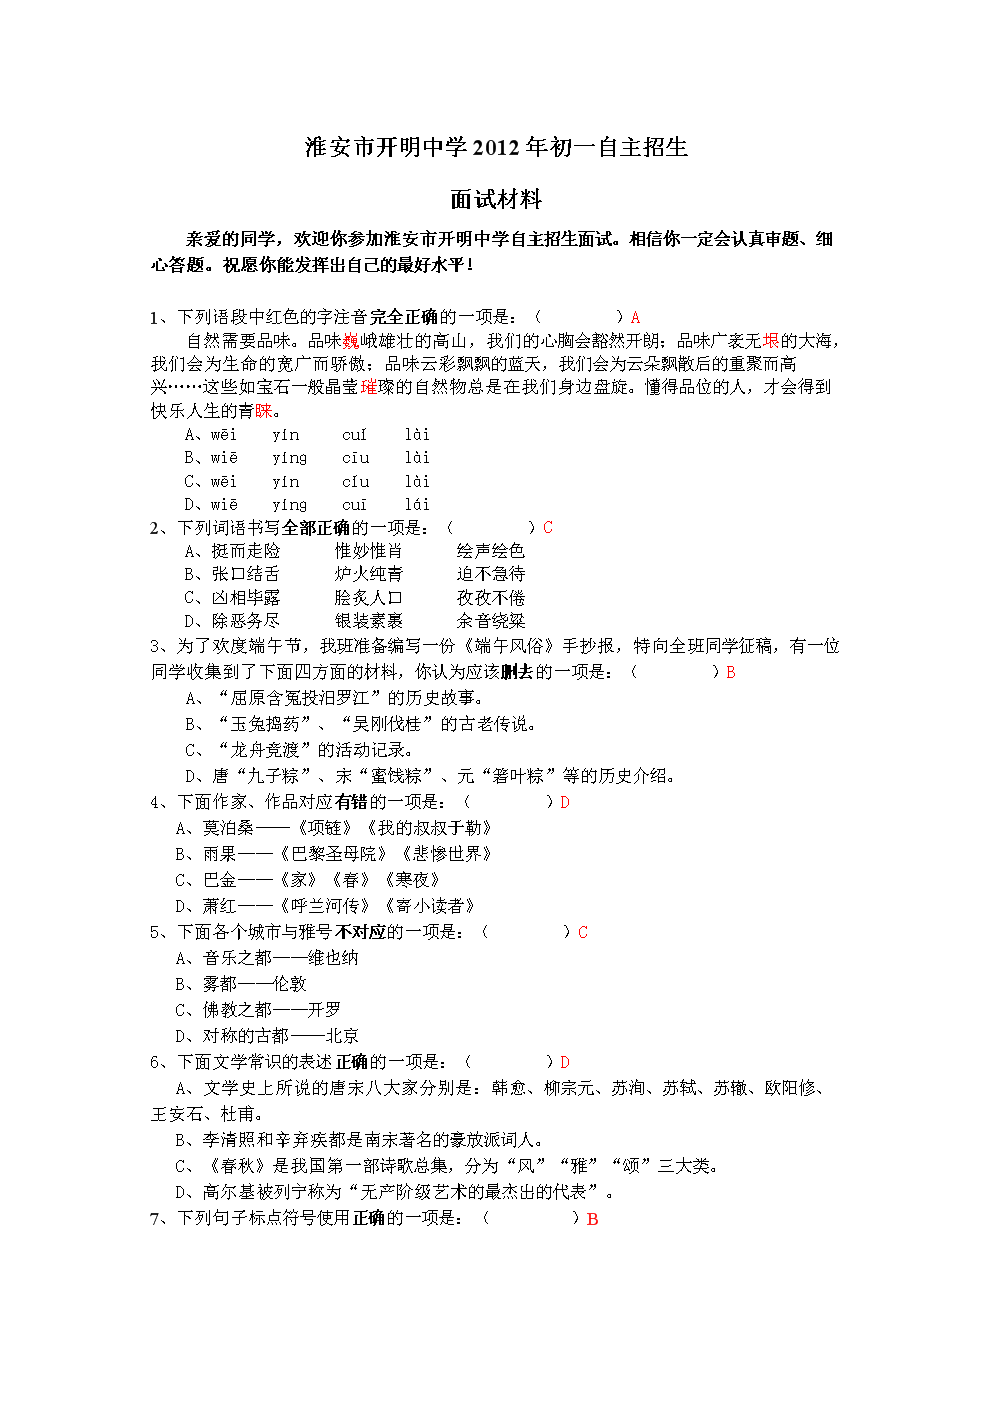 婆娑安九_1月份北京蓝天数再次刷新记录 25个达标天让市民尽享蓝天白云视频